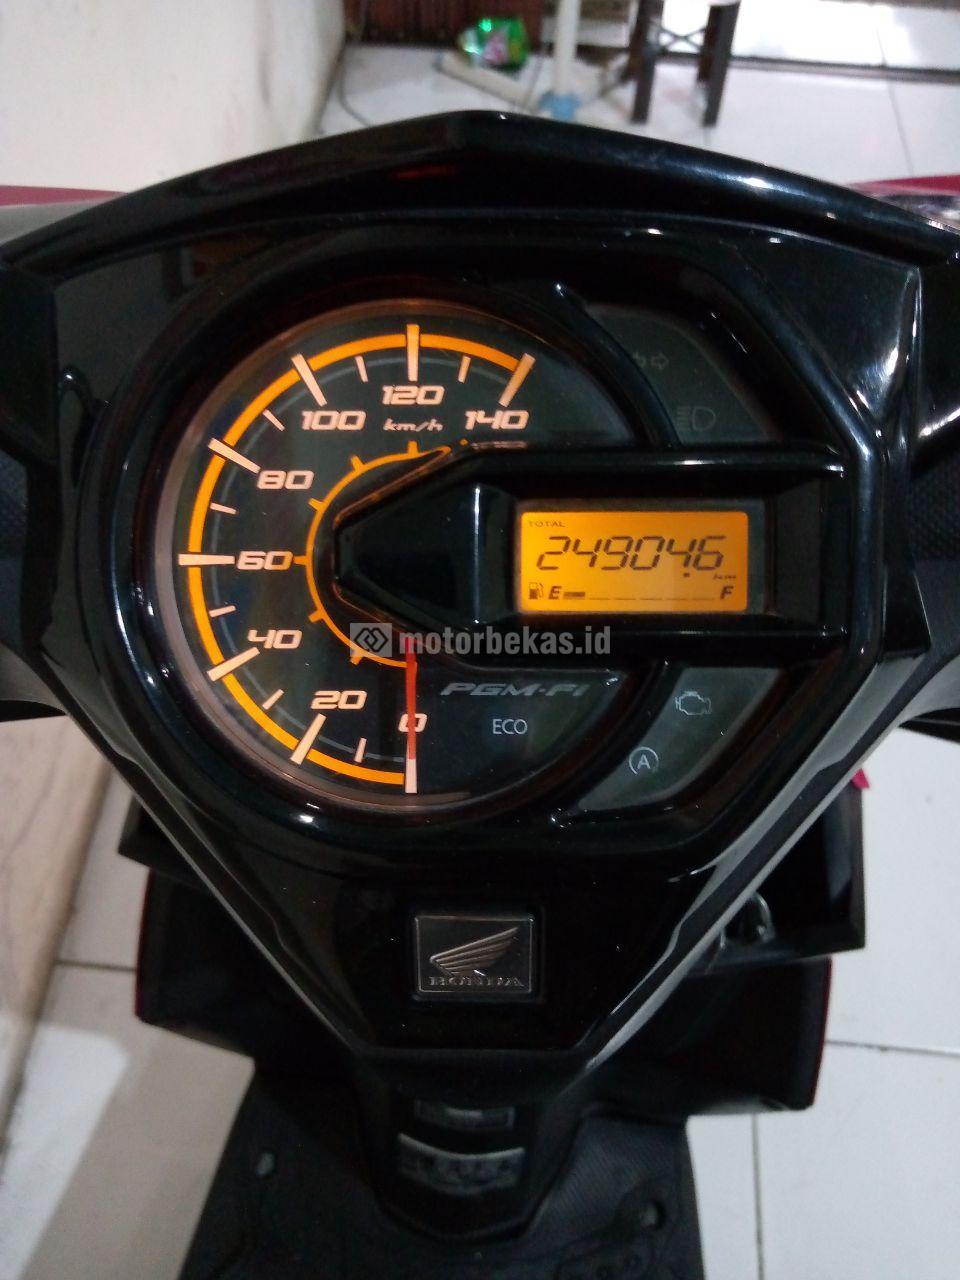 HONDA BEAT  3465 motorbekas.id